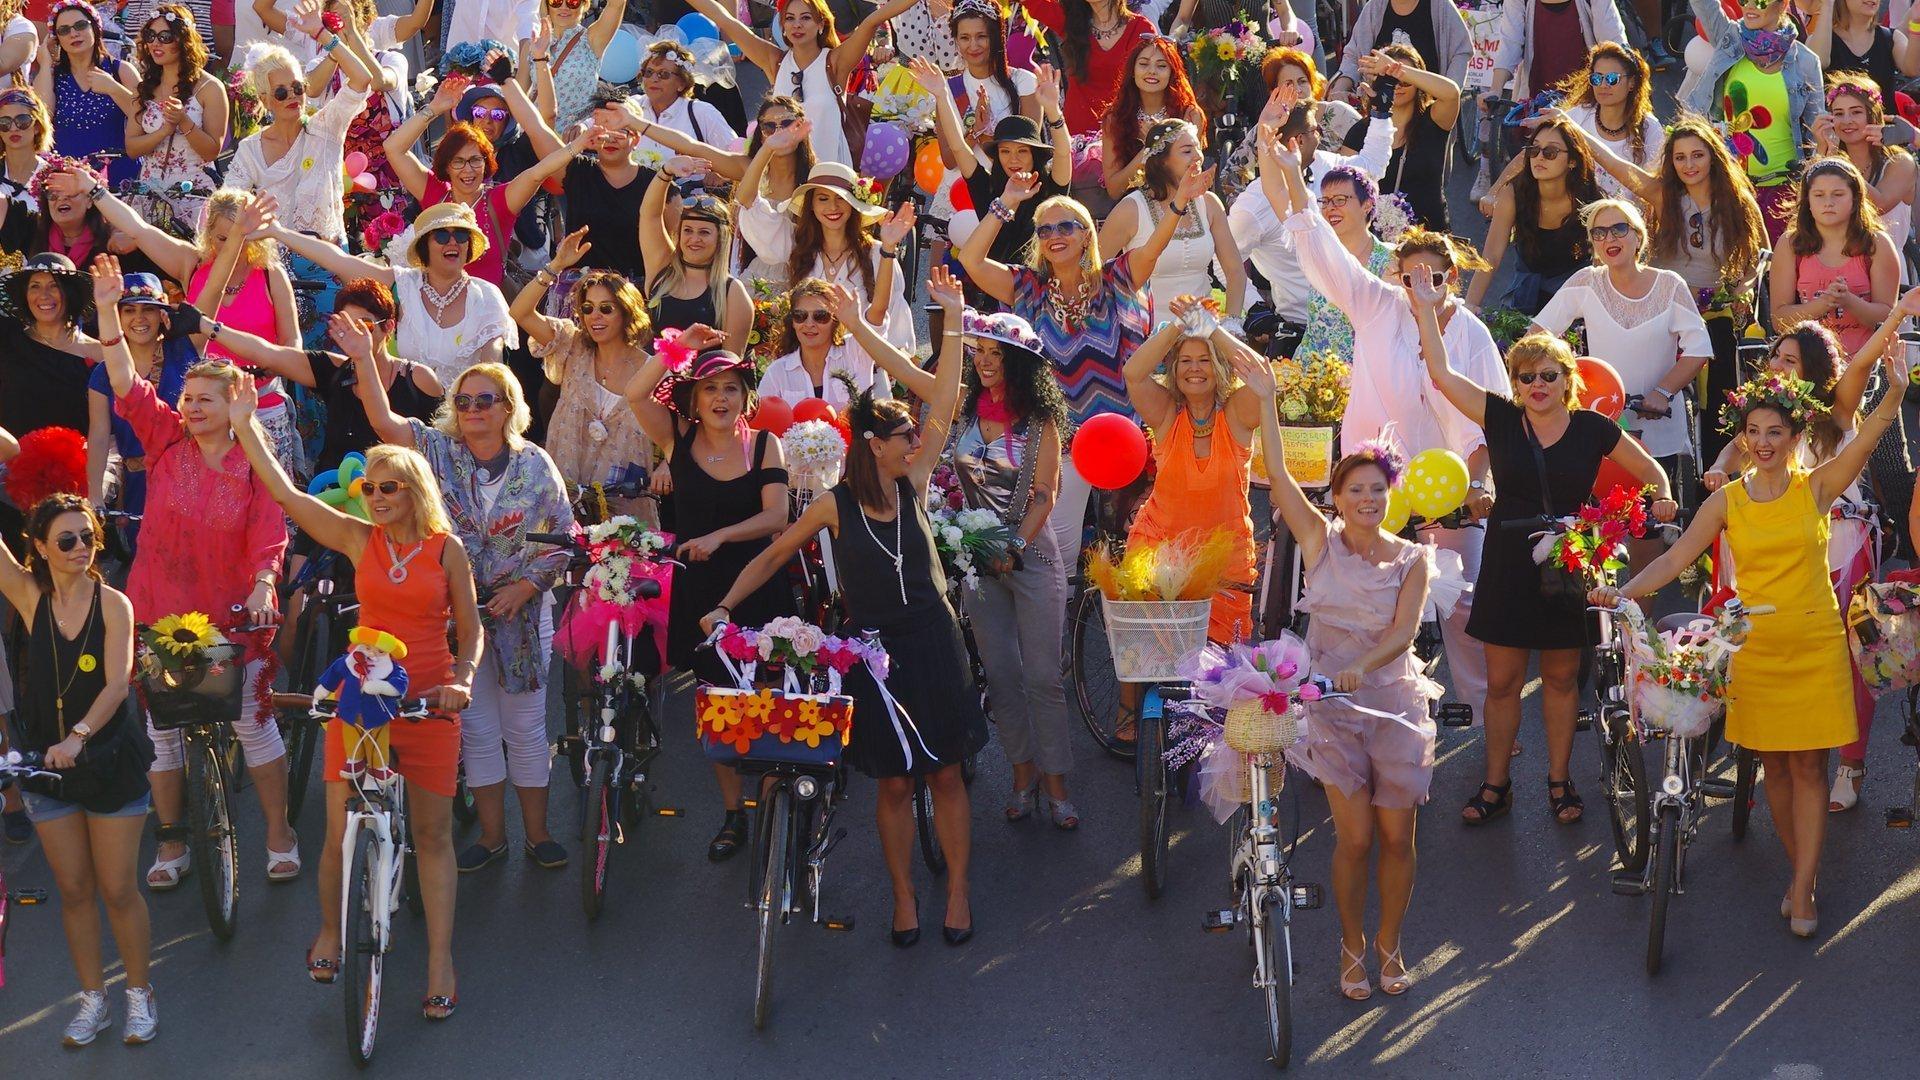 Dutzende von Frauen stehen gut gelaunt mit ihren Rädern in bunten Sommerkleidern nebeneinander und winken in die Kamera. Ihre Körbe haben sie mit Blumen und Federn geschmückt.